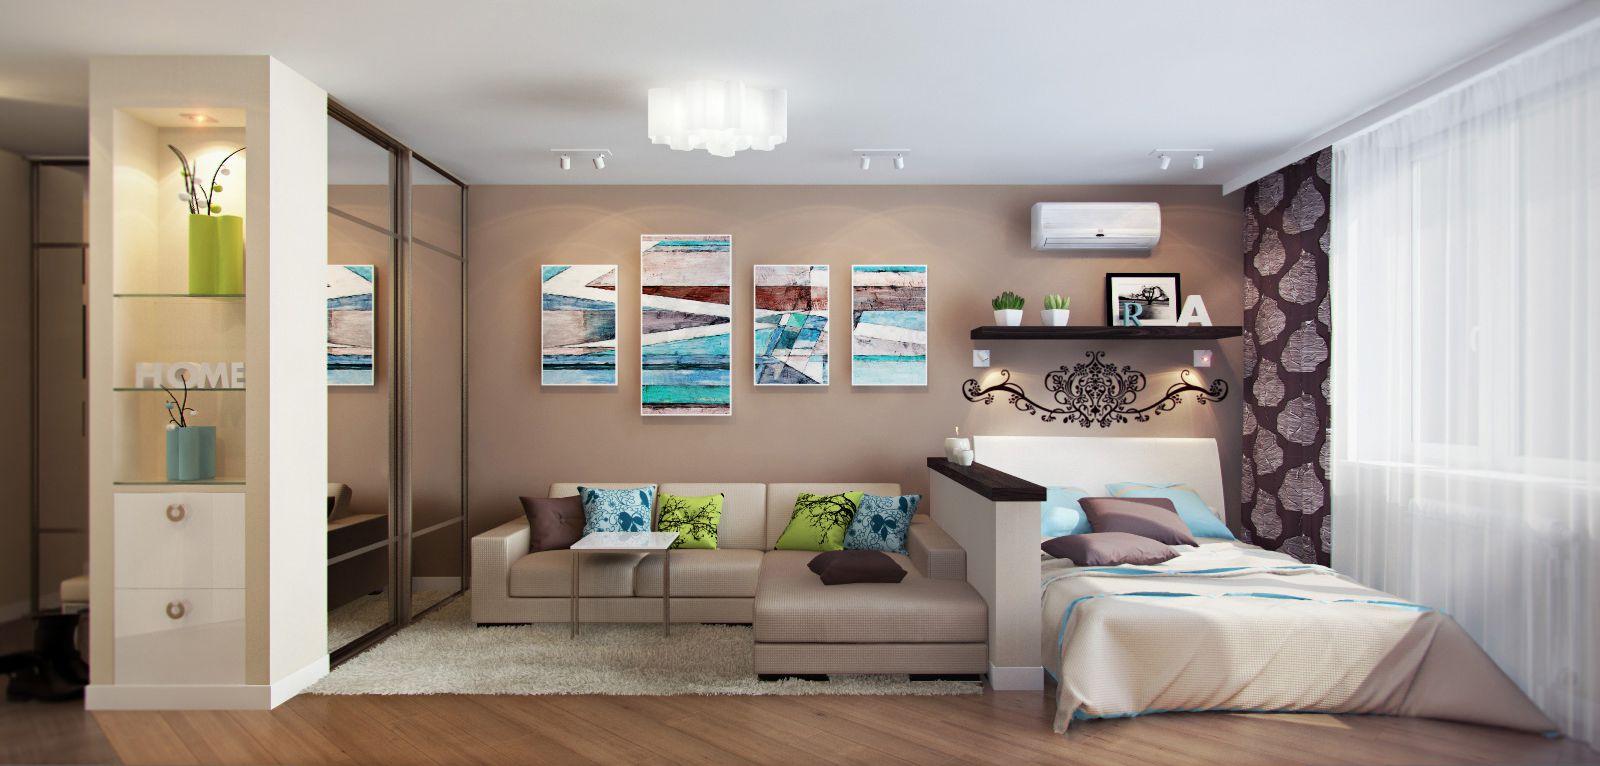 Стеклянные перегородки для зонирования пространства в комнате фото